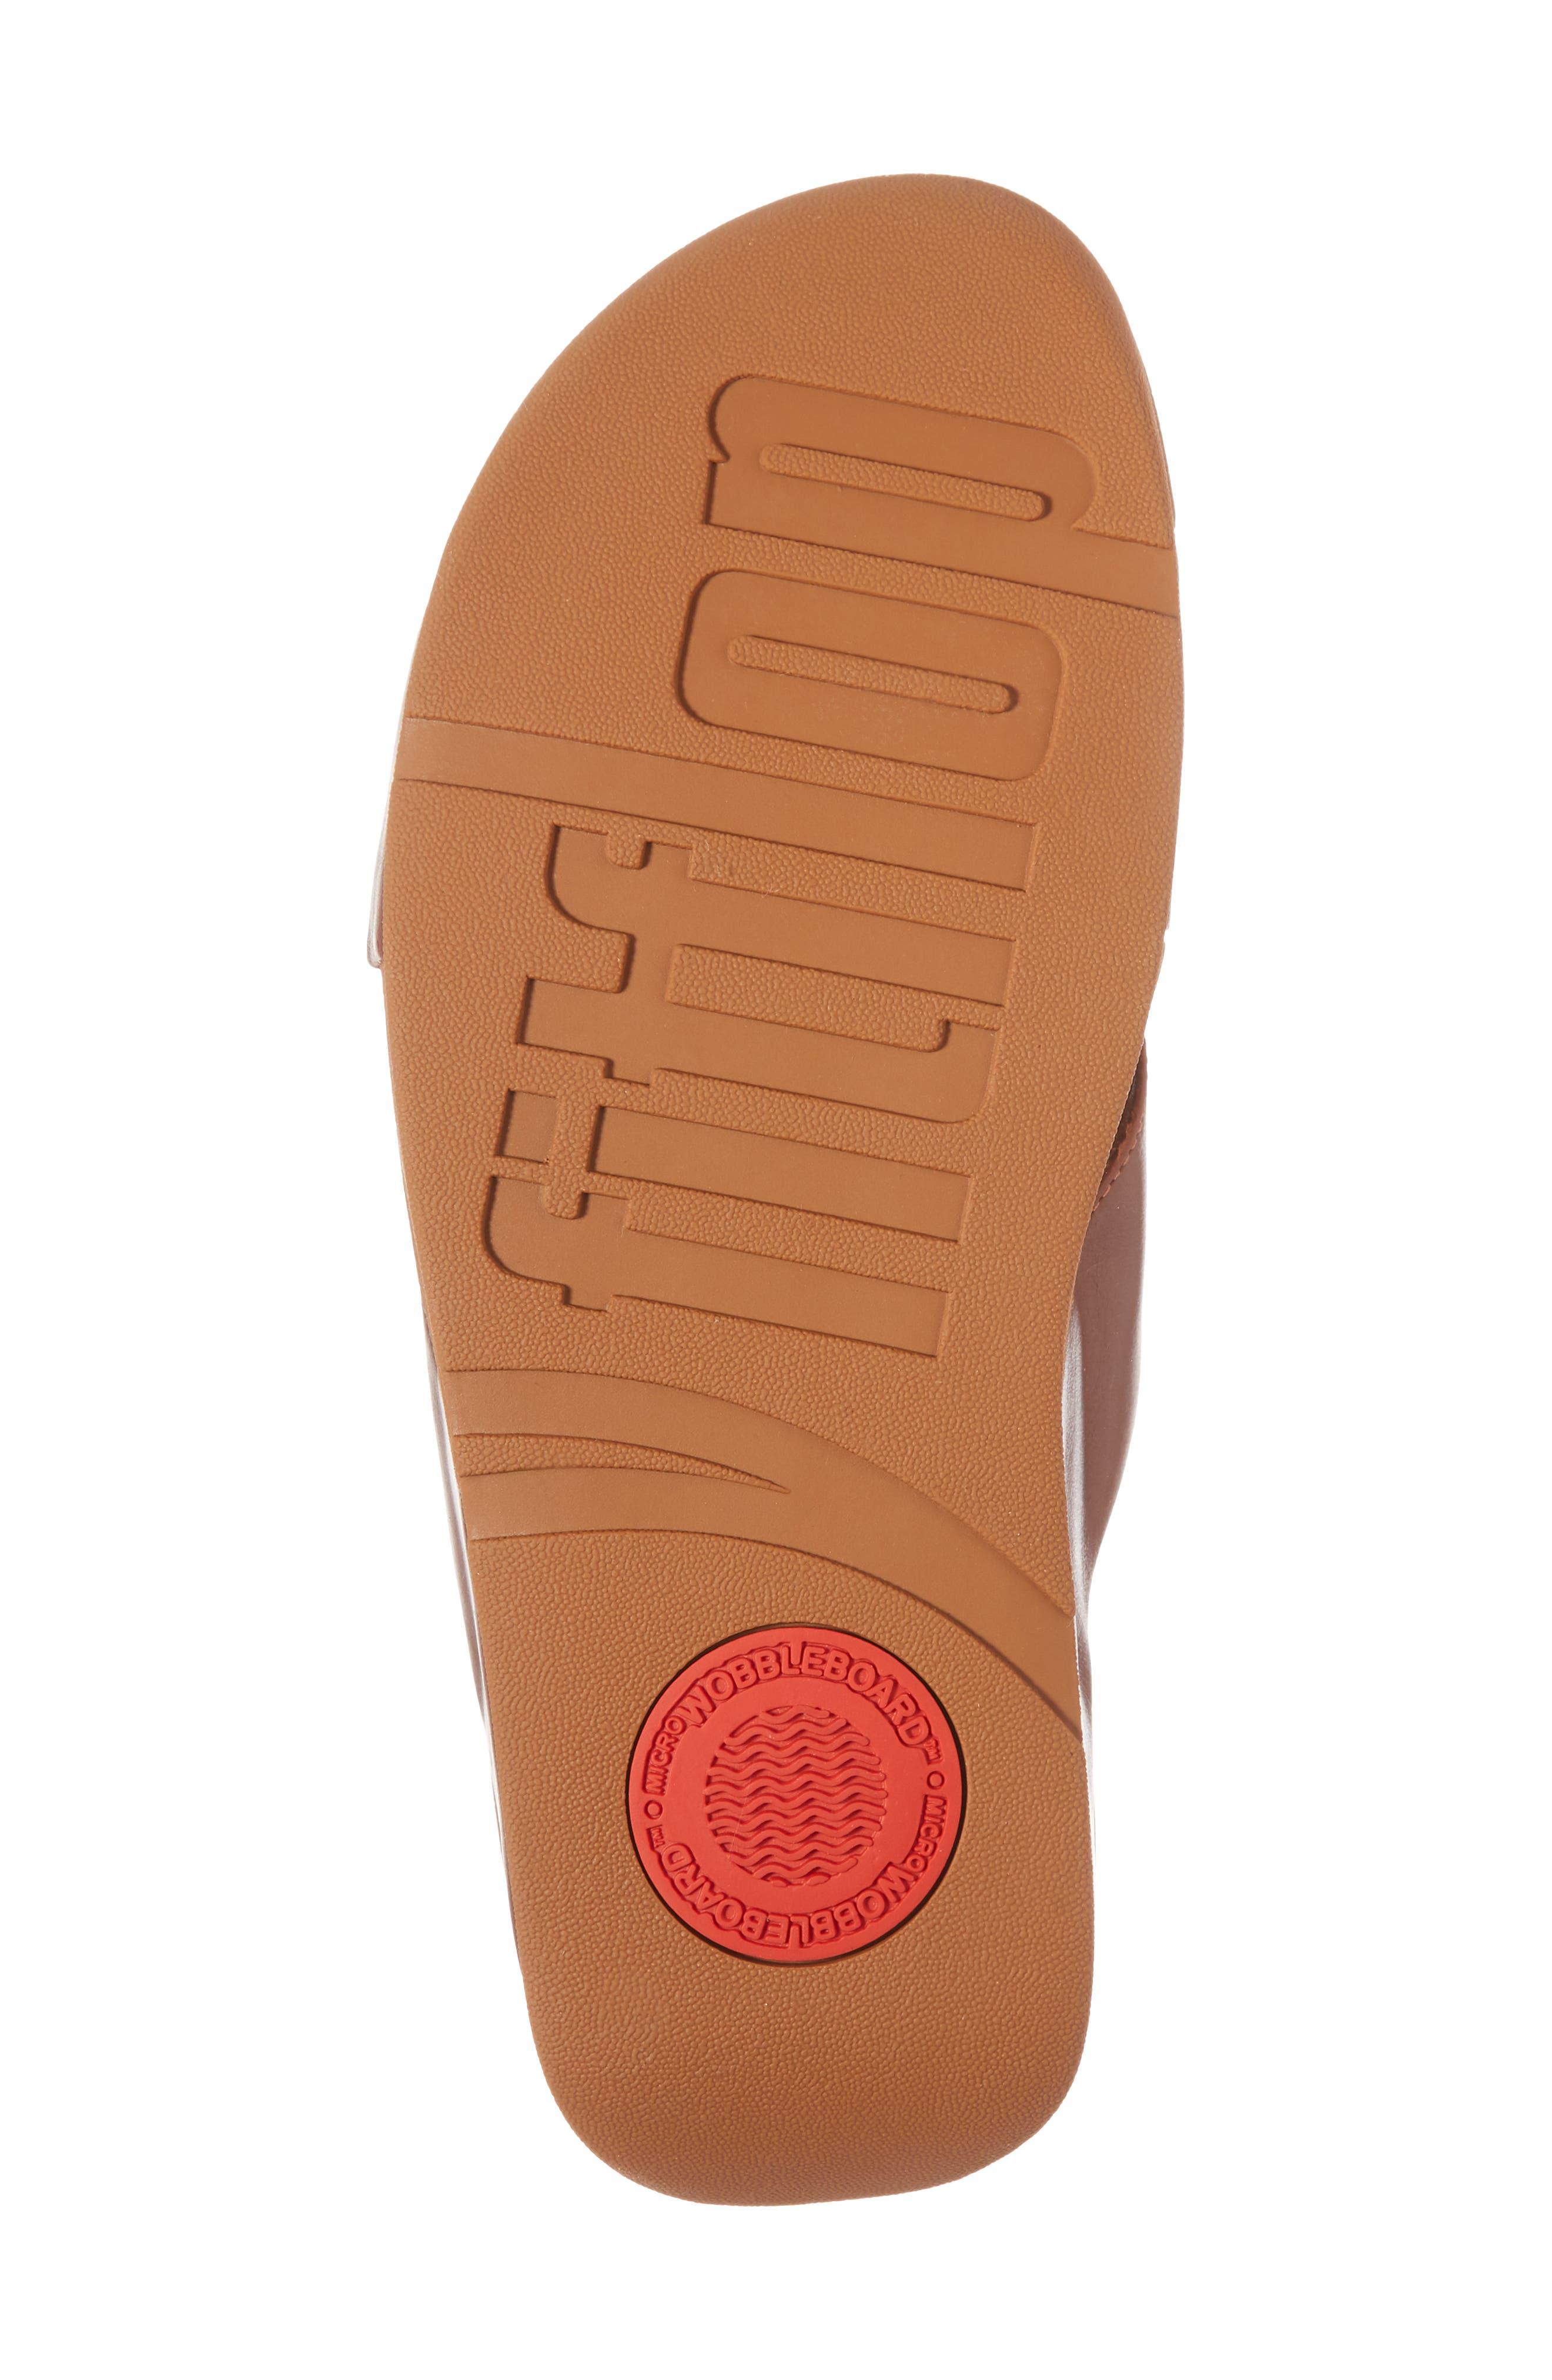 Lulu Cross Slide Sandal,                             Alternate thumbnail 6, color,                             Cognac